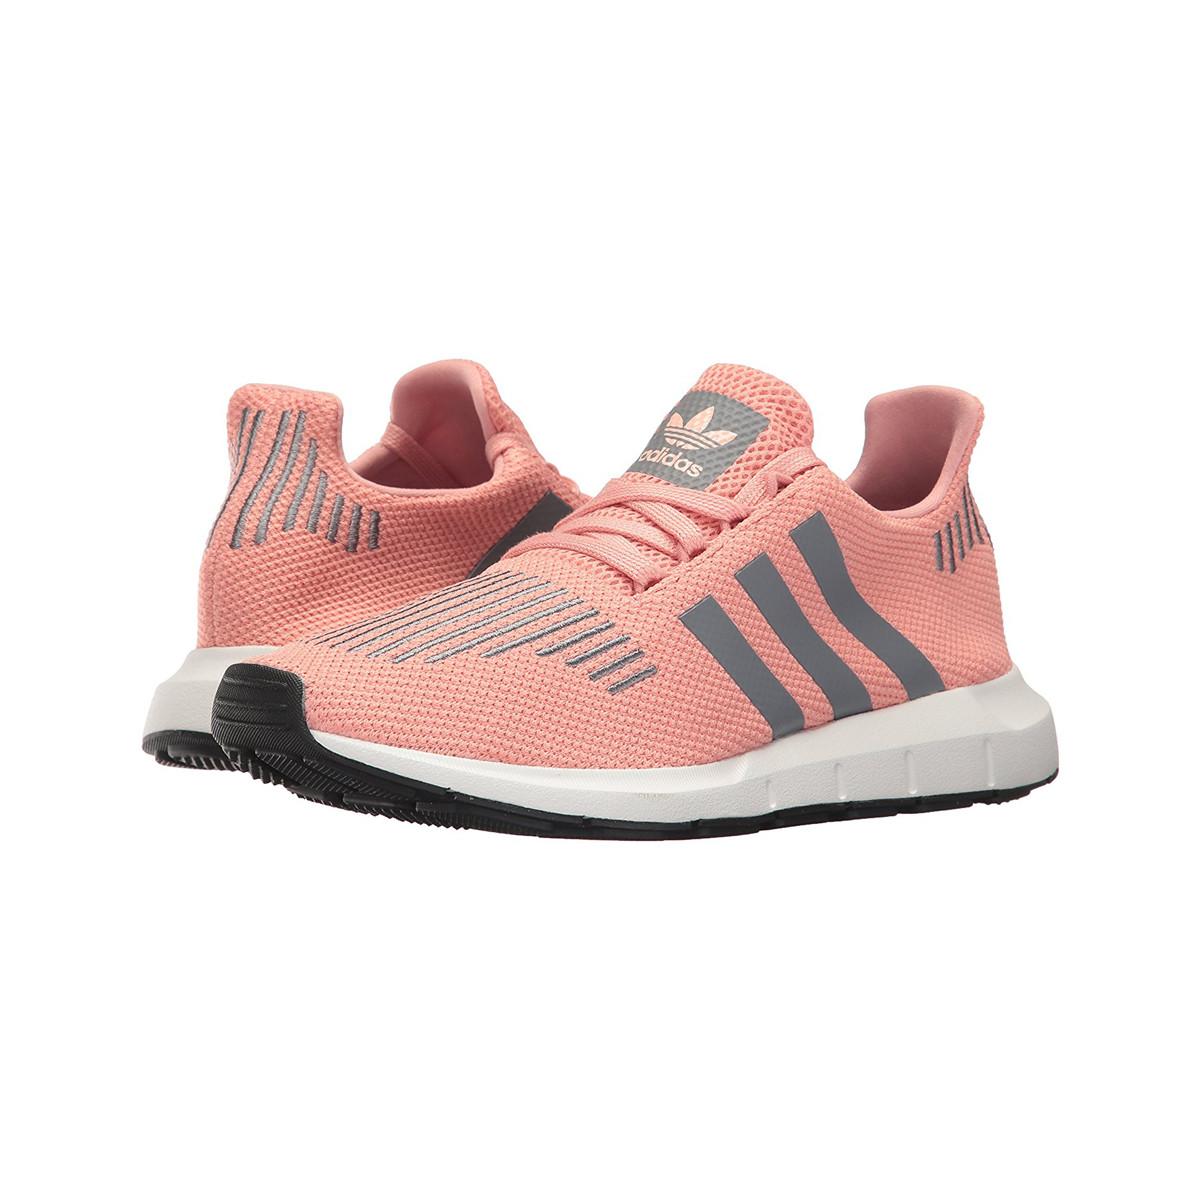 085660e02 阿迪达斯(三叶草)Adidas Swift Run CG4139 中性款跑步鞋CG4139 唯品会